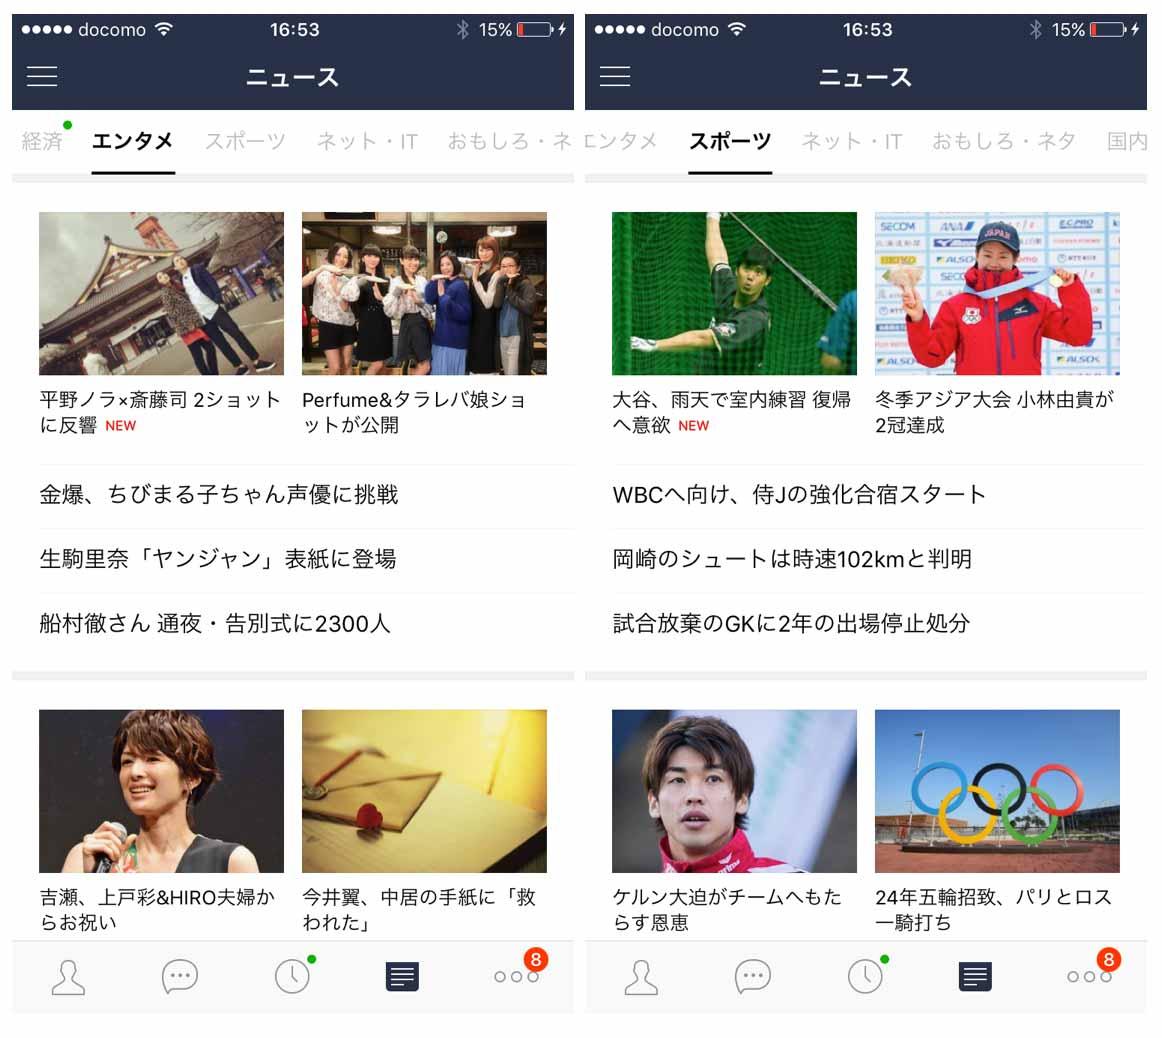 LINEモバイル、LINEアプリの「ニュースタブ」もカウントフリーに追加